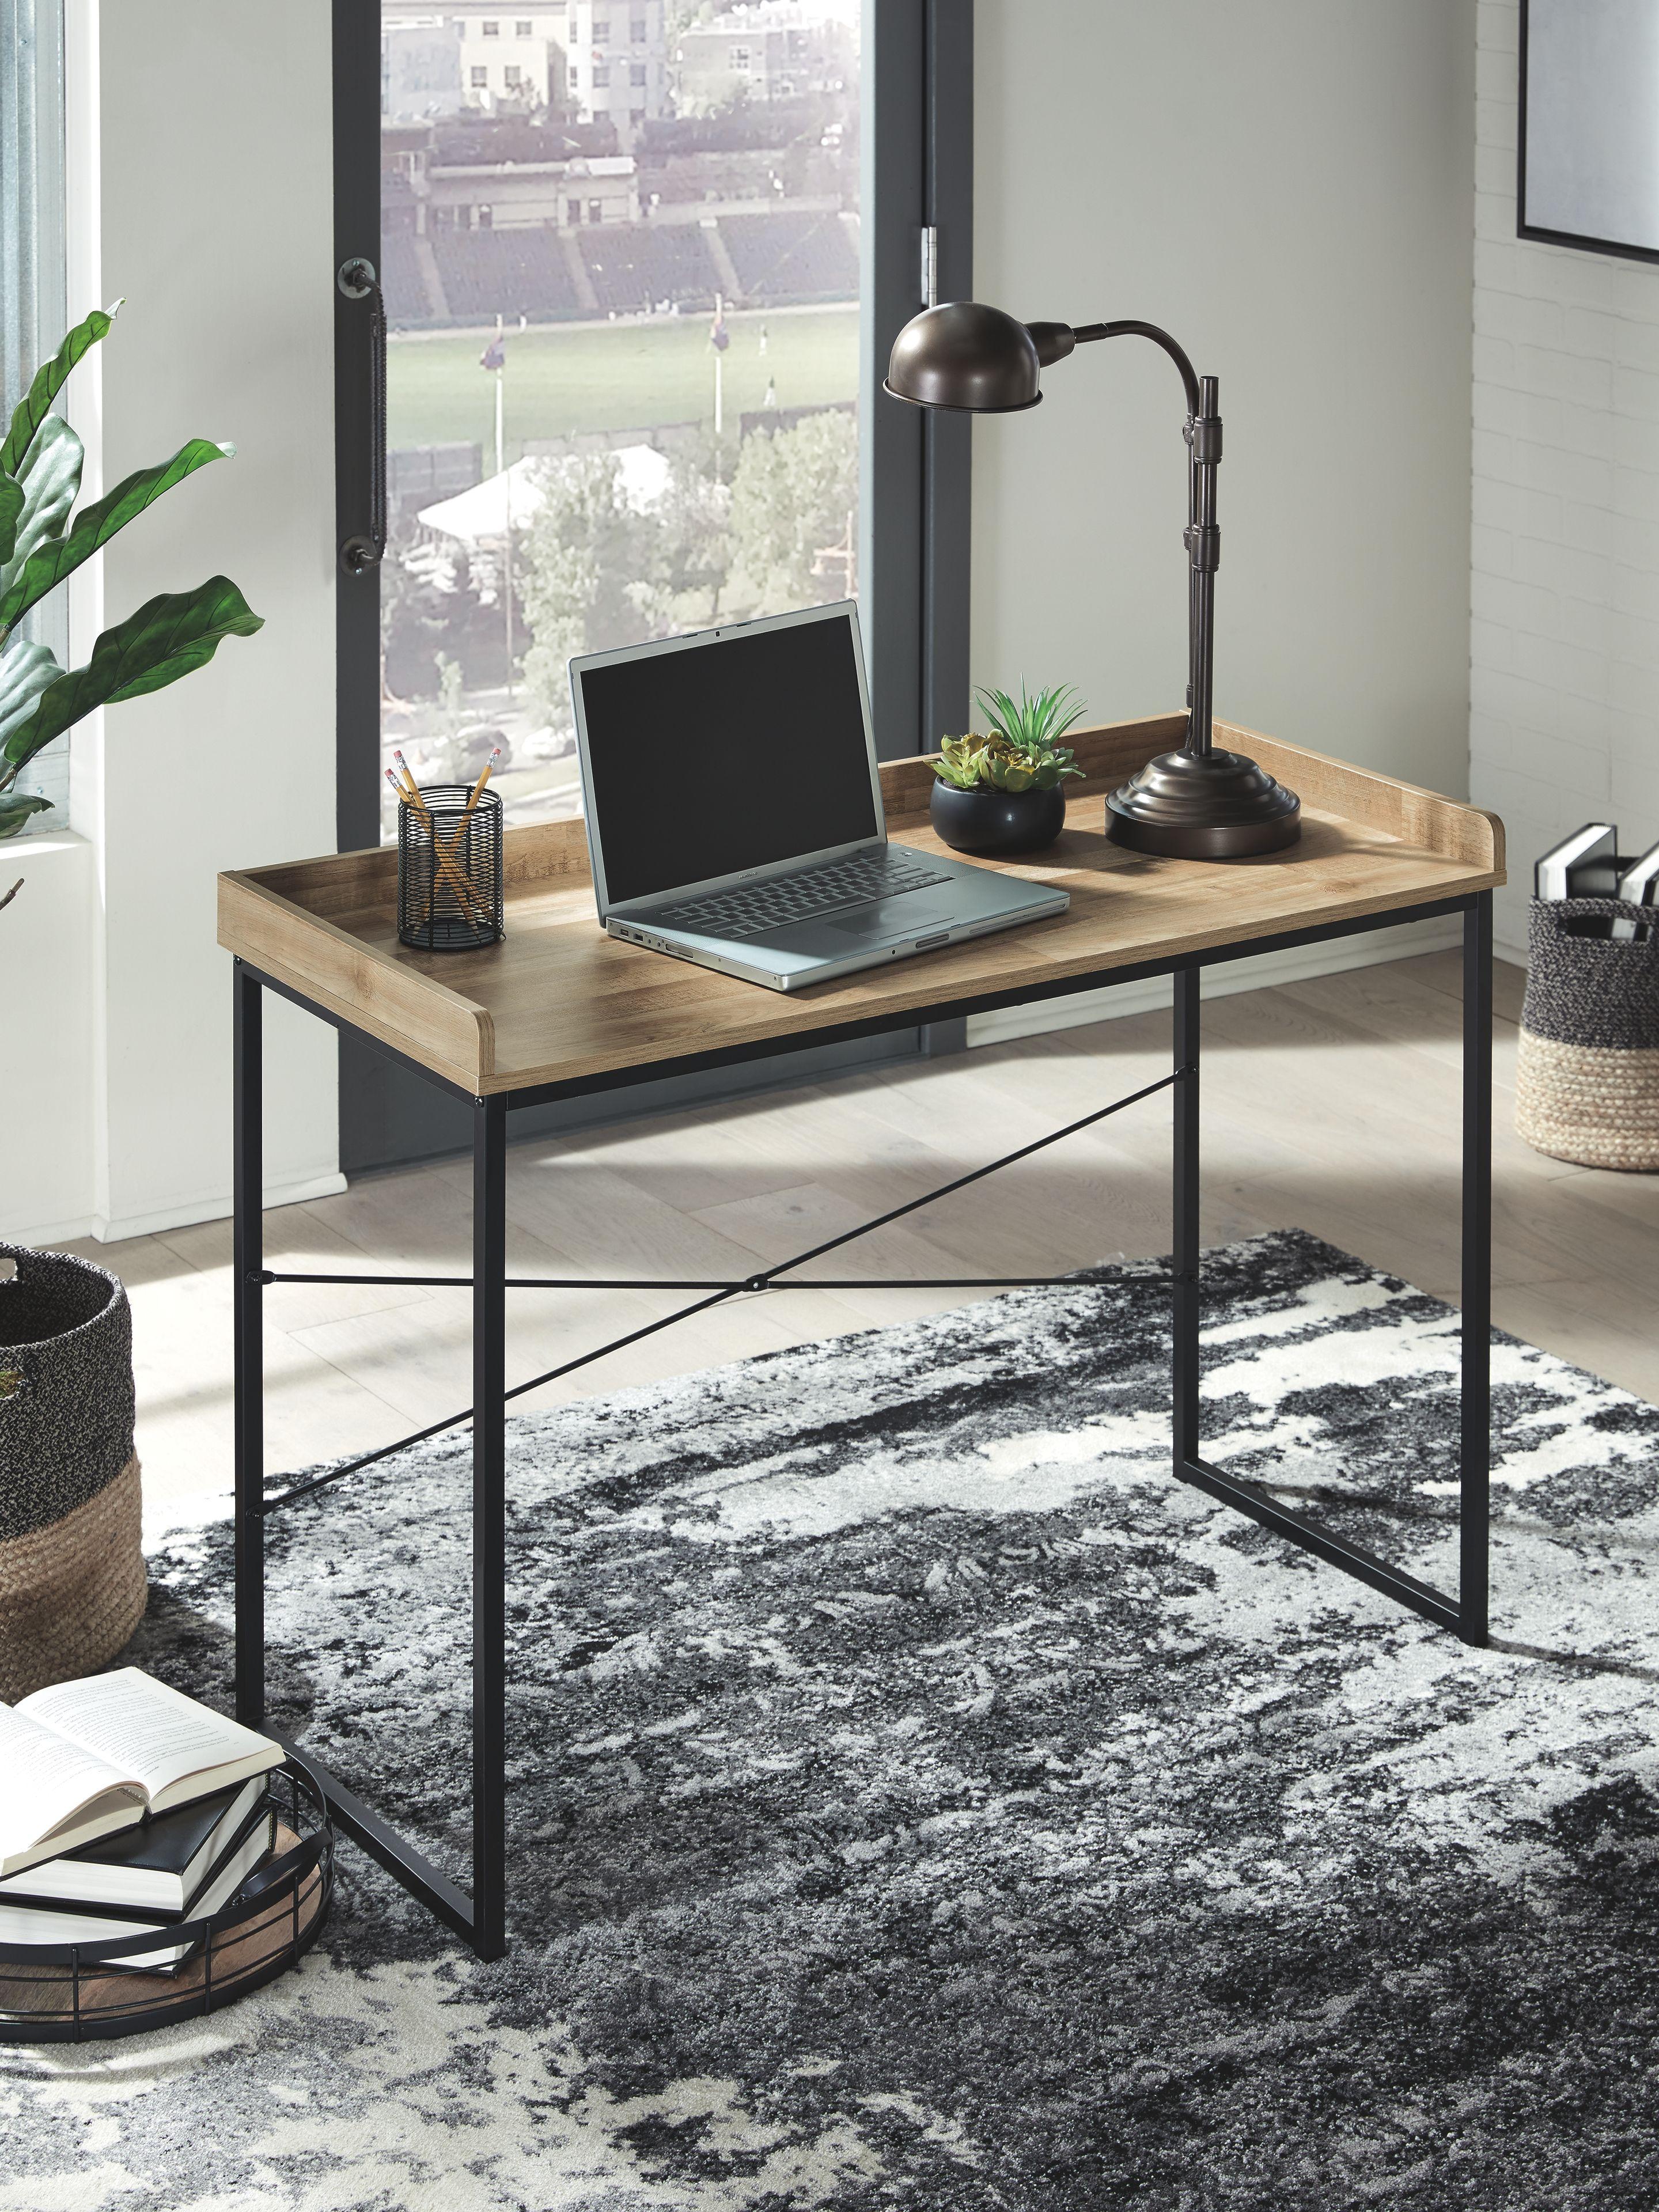 Gerdanet 43 Home Office Desk Ashley Furniture Homestore Home Office Desks Office Desk Signature Design By Ashley